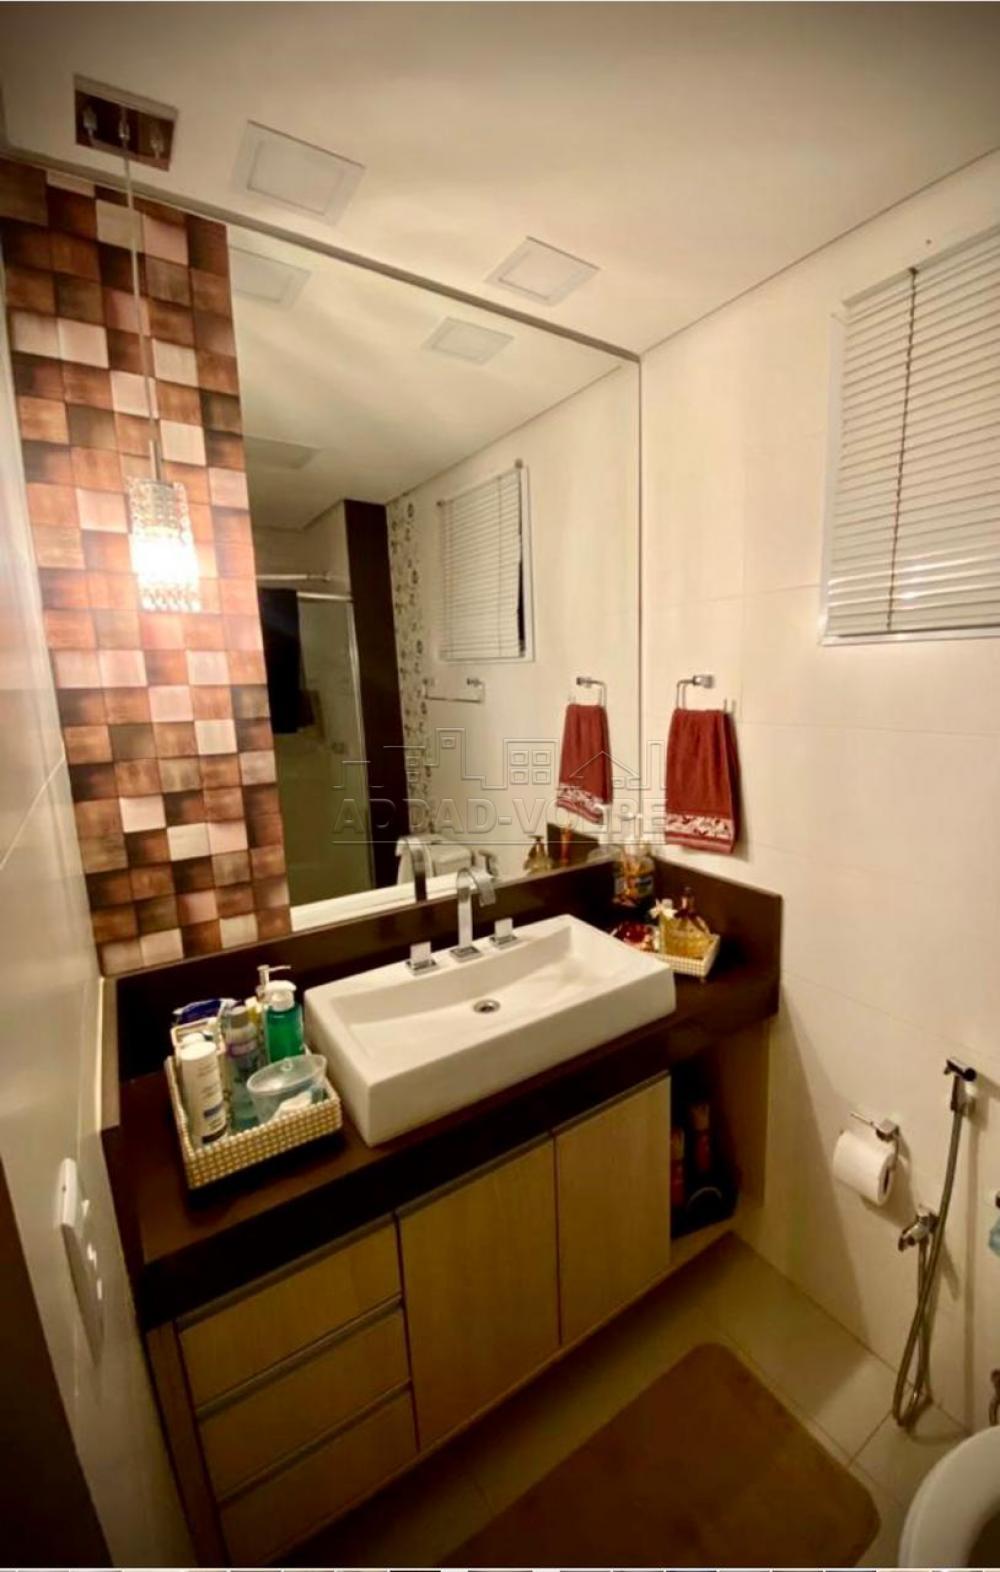 Comprar Apartamento / Padrão em Bauru R$ 470.000,00 - Foto 22